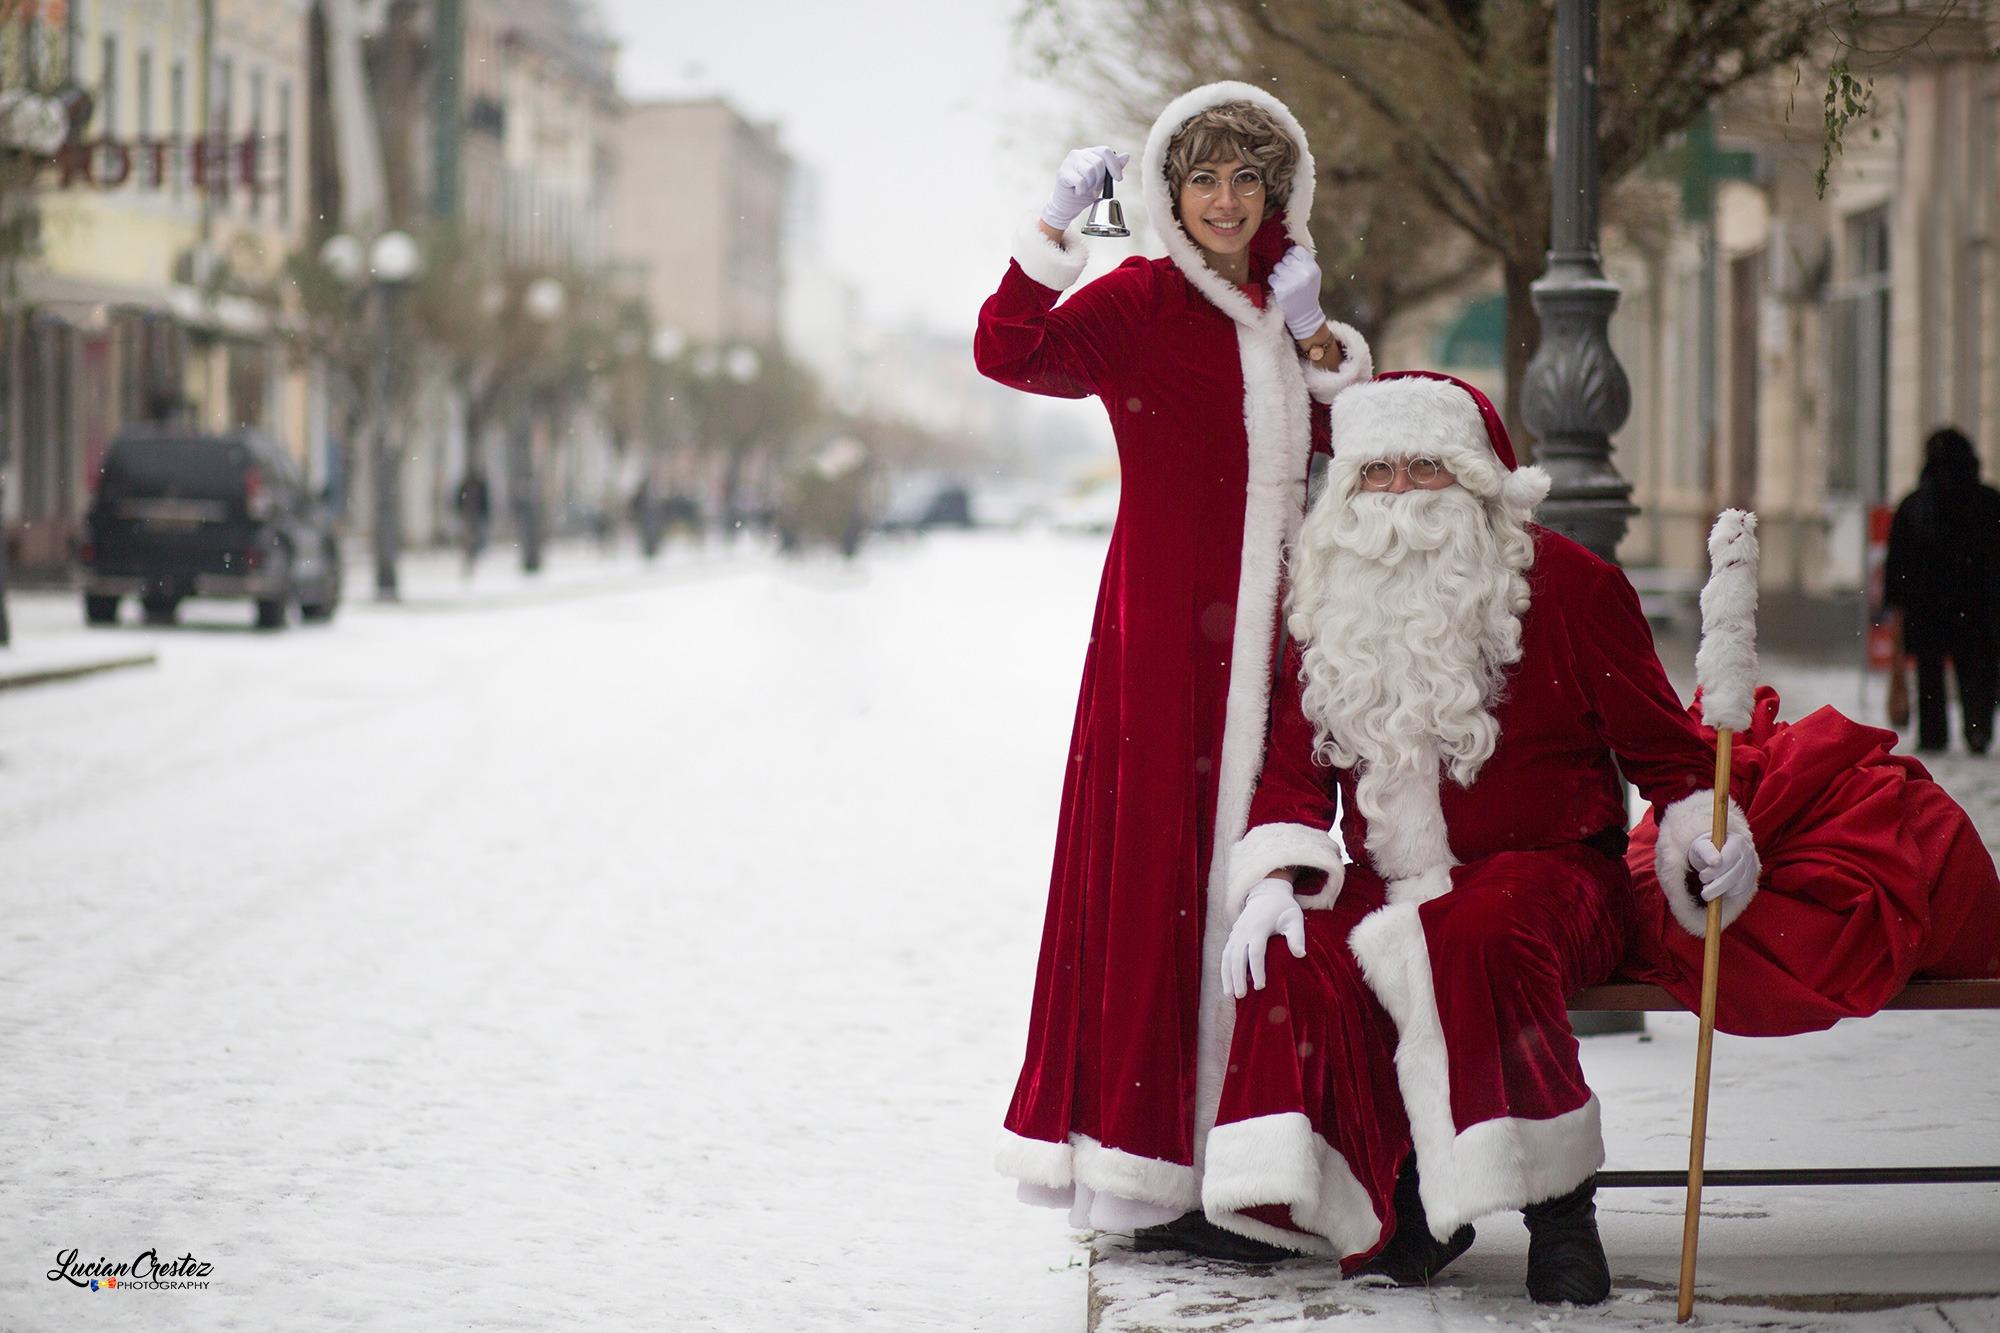 Sedință foto cu Moș Crăciun în cinci minute